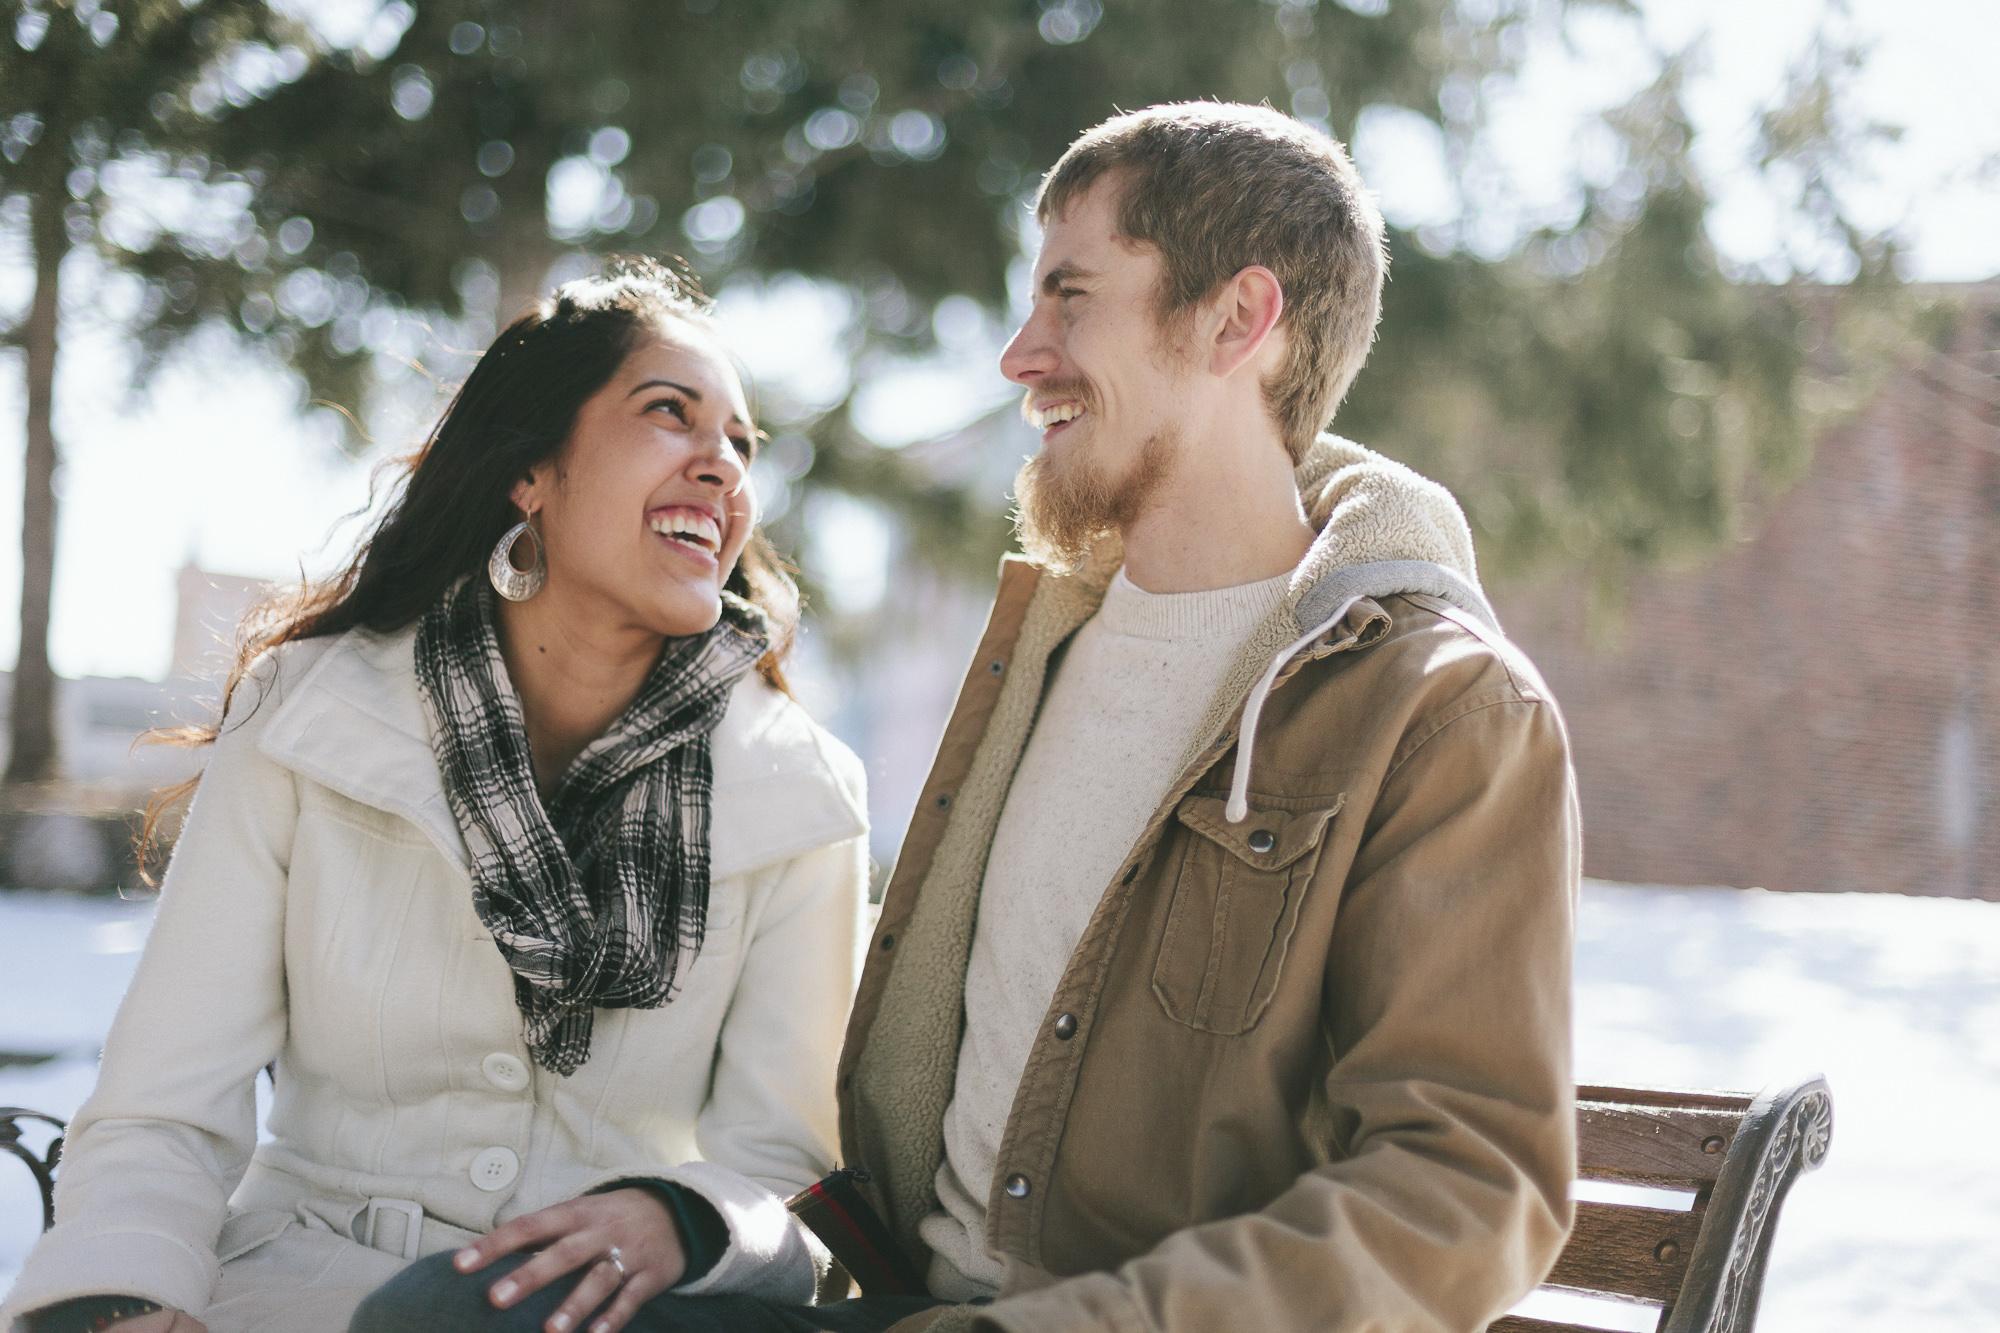 snowy couple laugh park